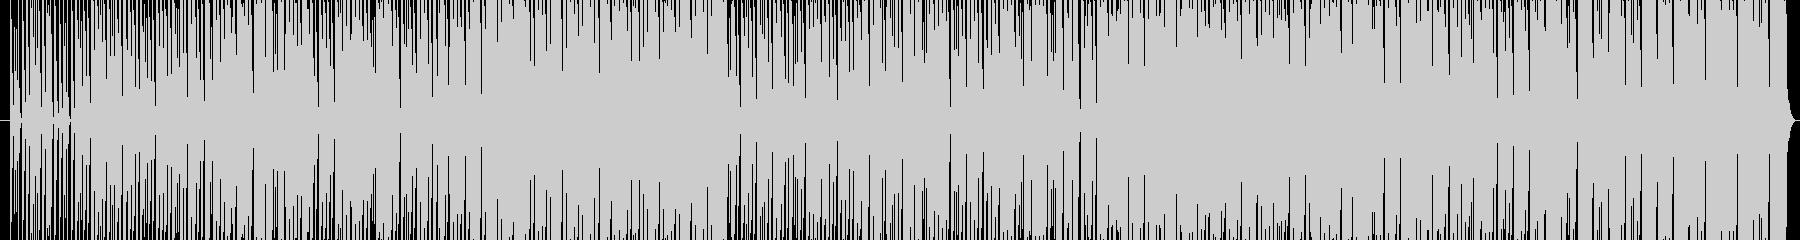 kirim の未再生の波形